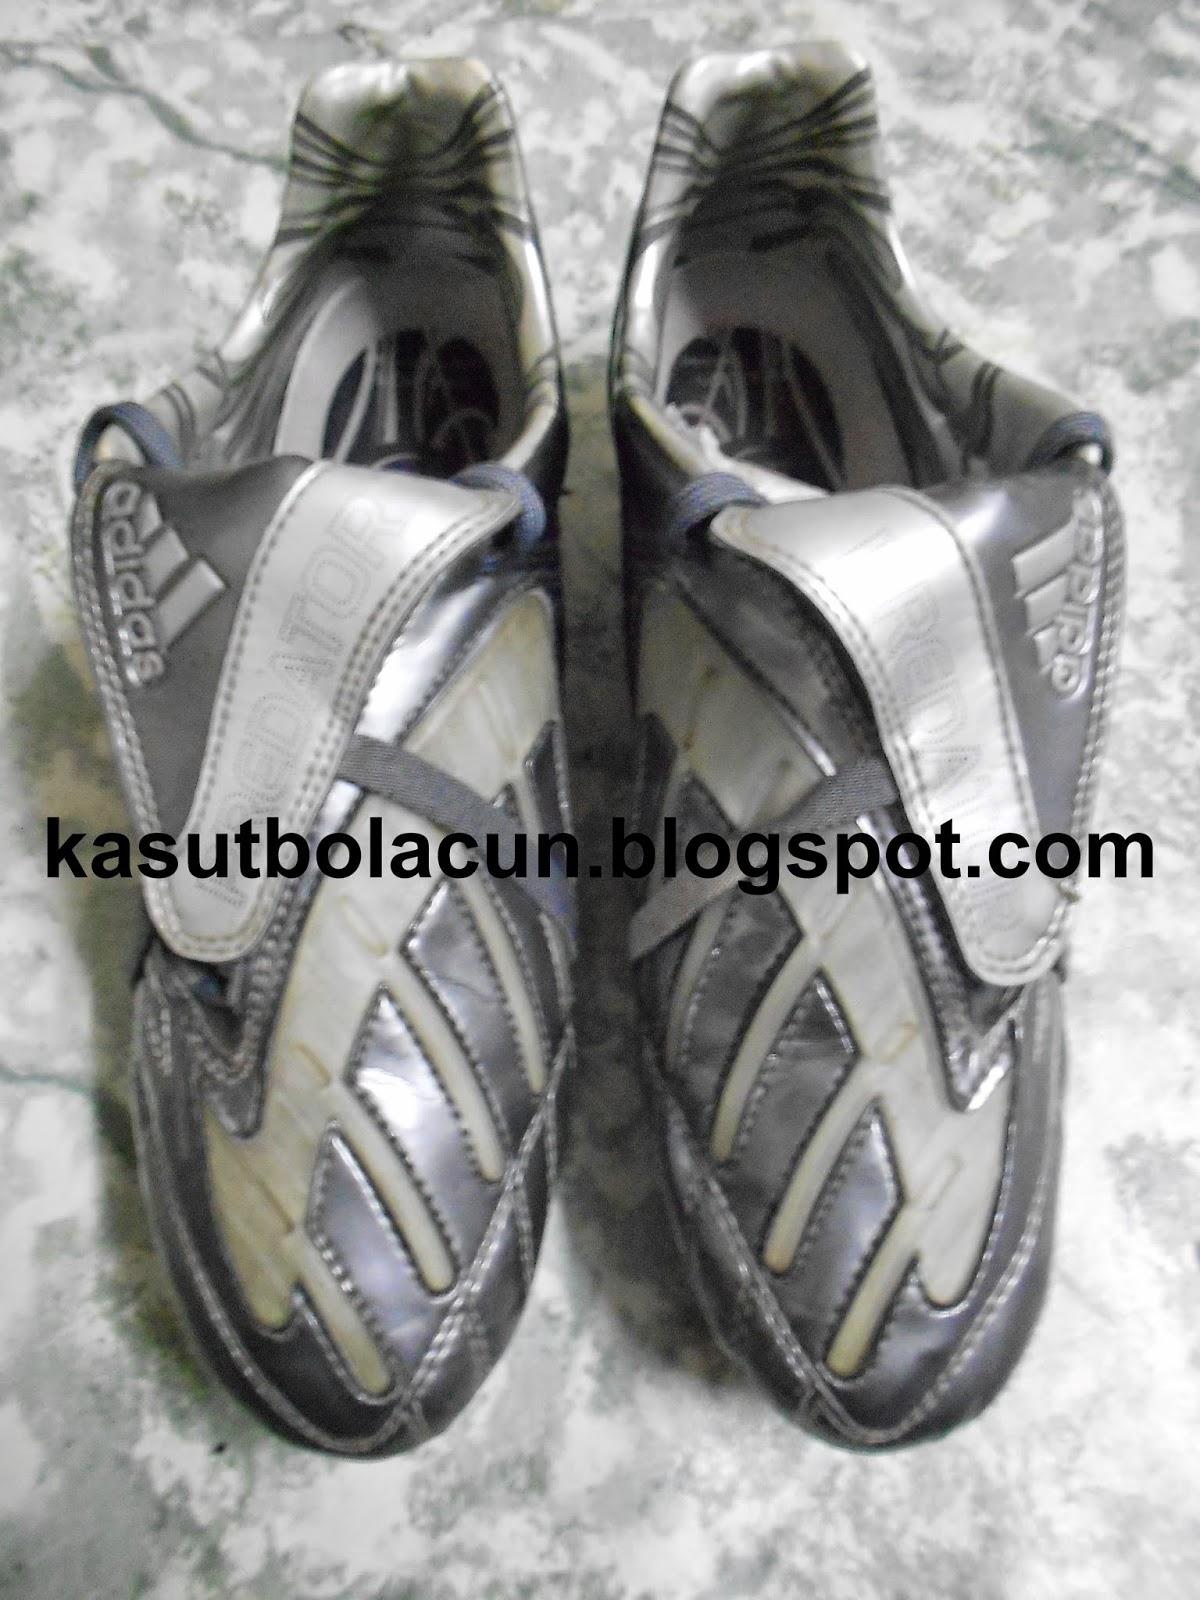 Adidas Predator PowerSwerve SG